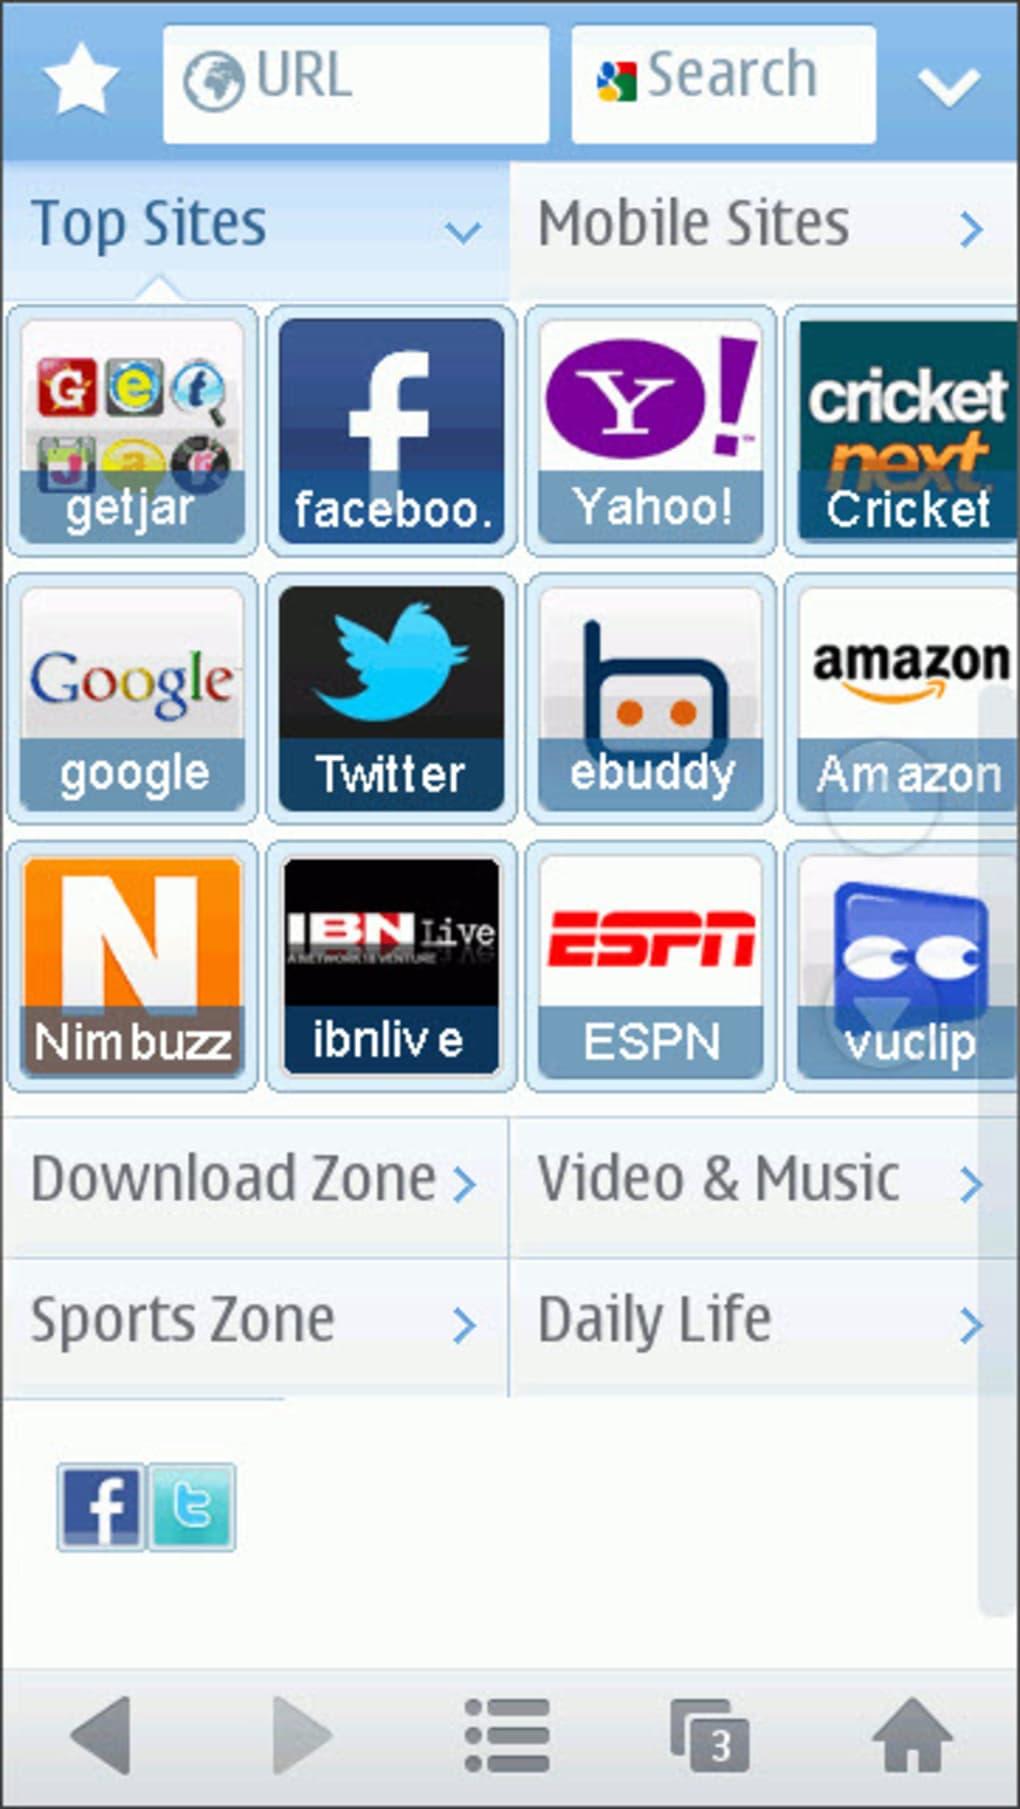 Nokia 110 uc browser 9 2 telecharger des jeux // baicontolec gq